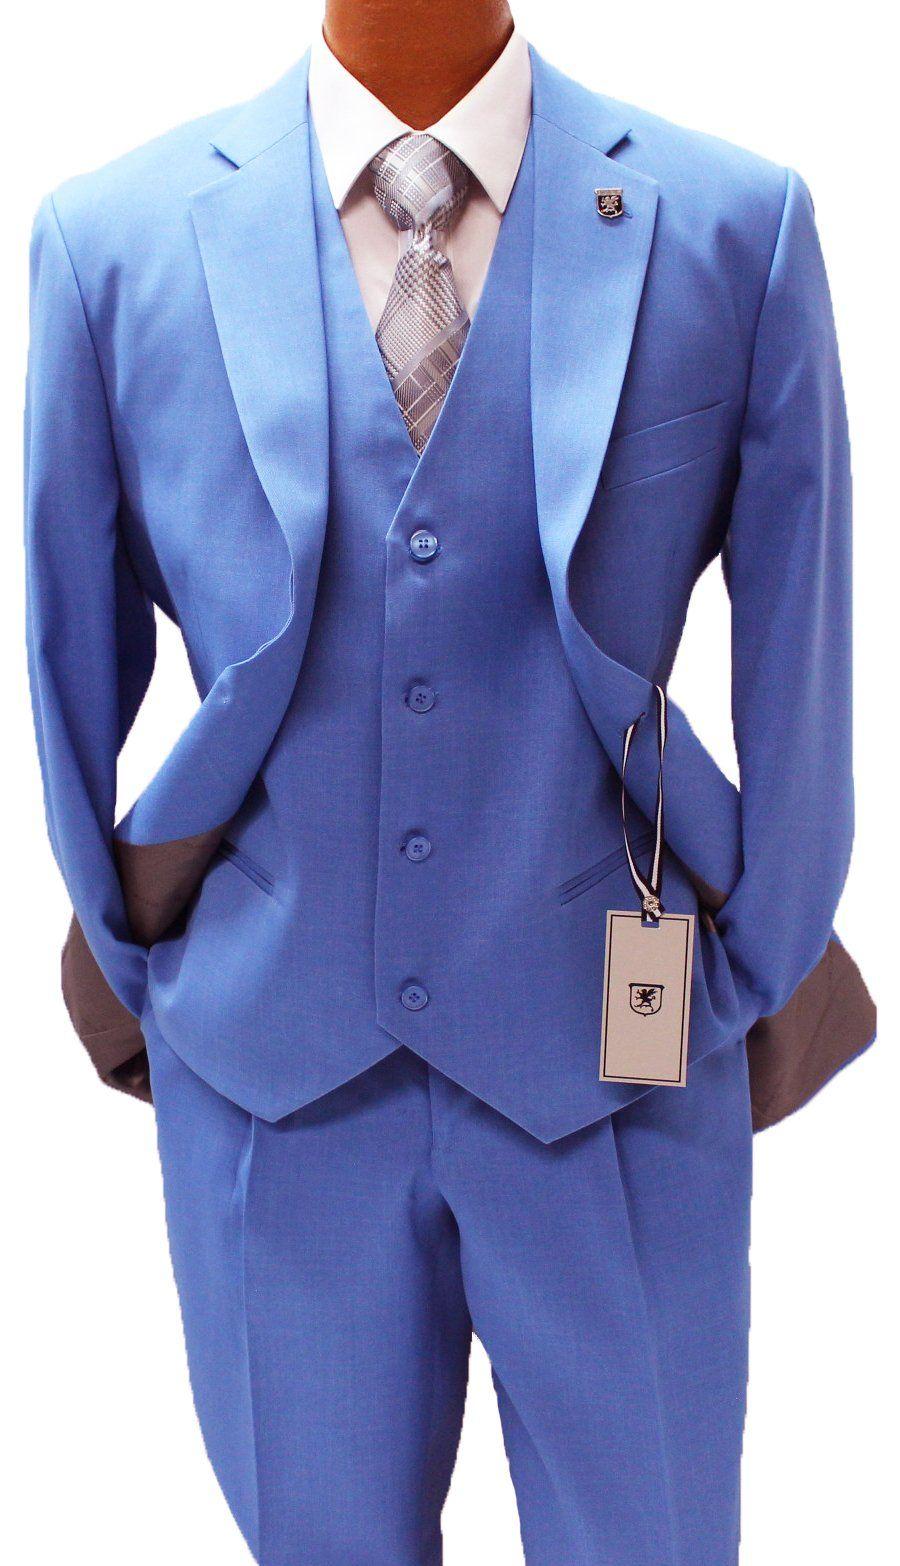 de3bedec7d0 Stacy Adams Suny Blue Vested Classic Fit Suit